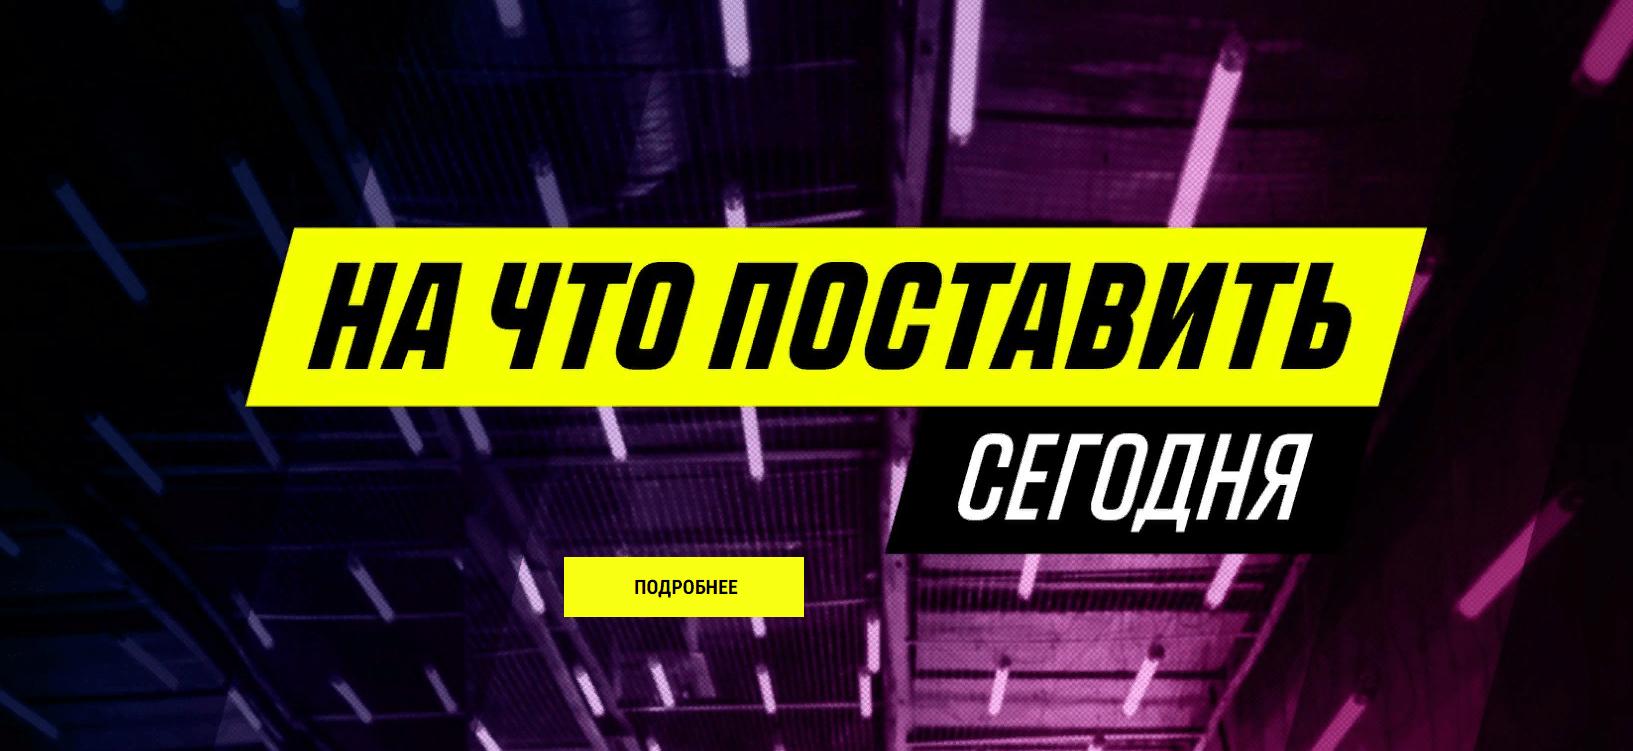 Бонус 10 000 рублей за серию ставок в БК Париматч